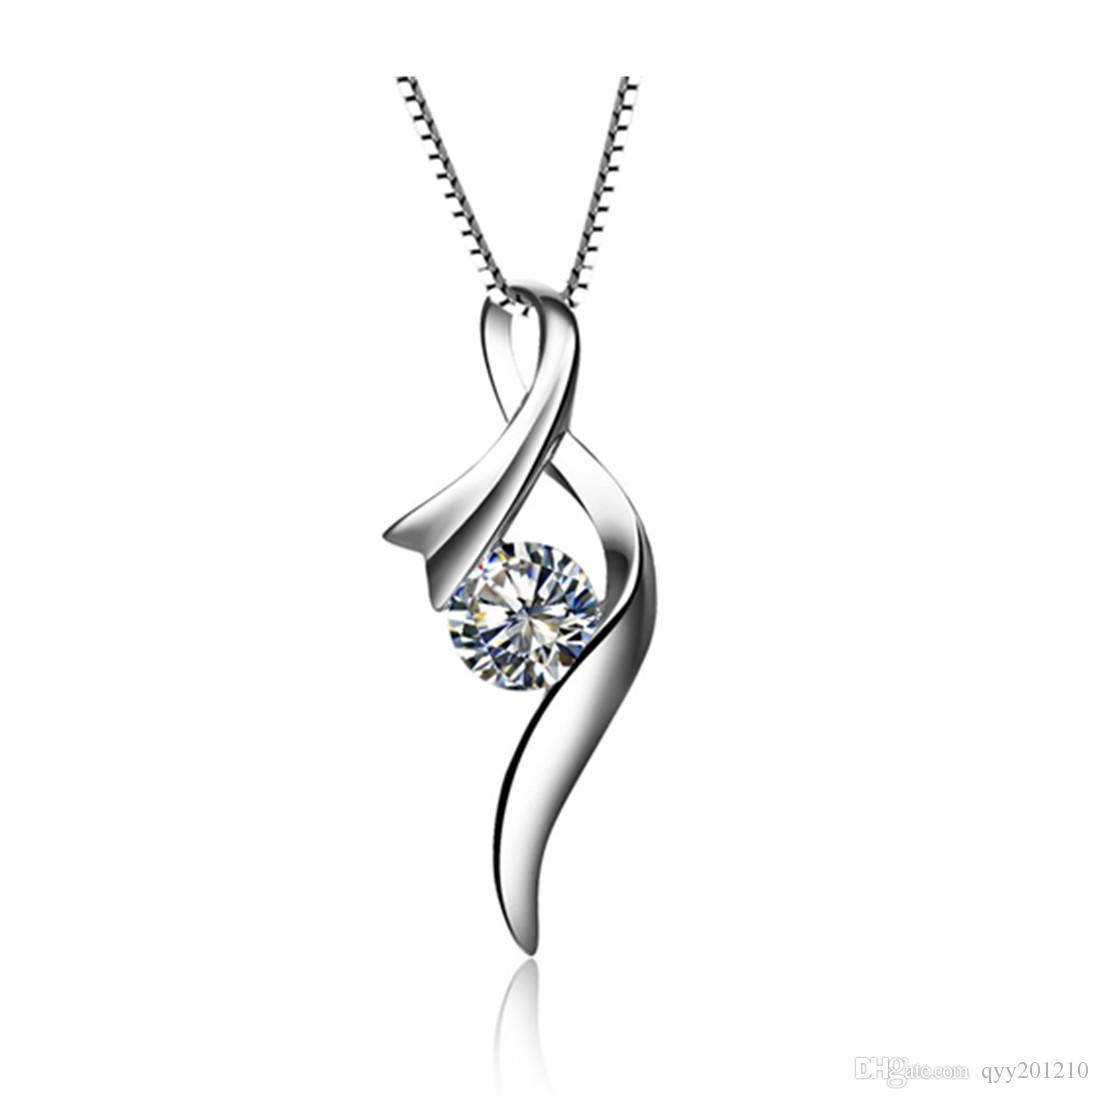 13ba7e466a8b Compre Impresionante 0.5Ct Corte Redondo Diamantes Sintéticos Colgante De  Plata De Ley Collar Colgante De Joyería De Color Oro Blanco Caja De Cadena  Gratis ...